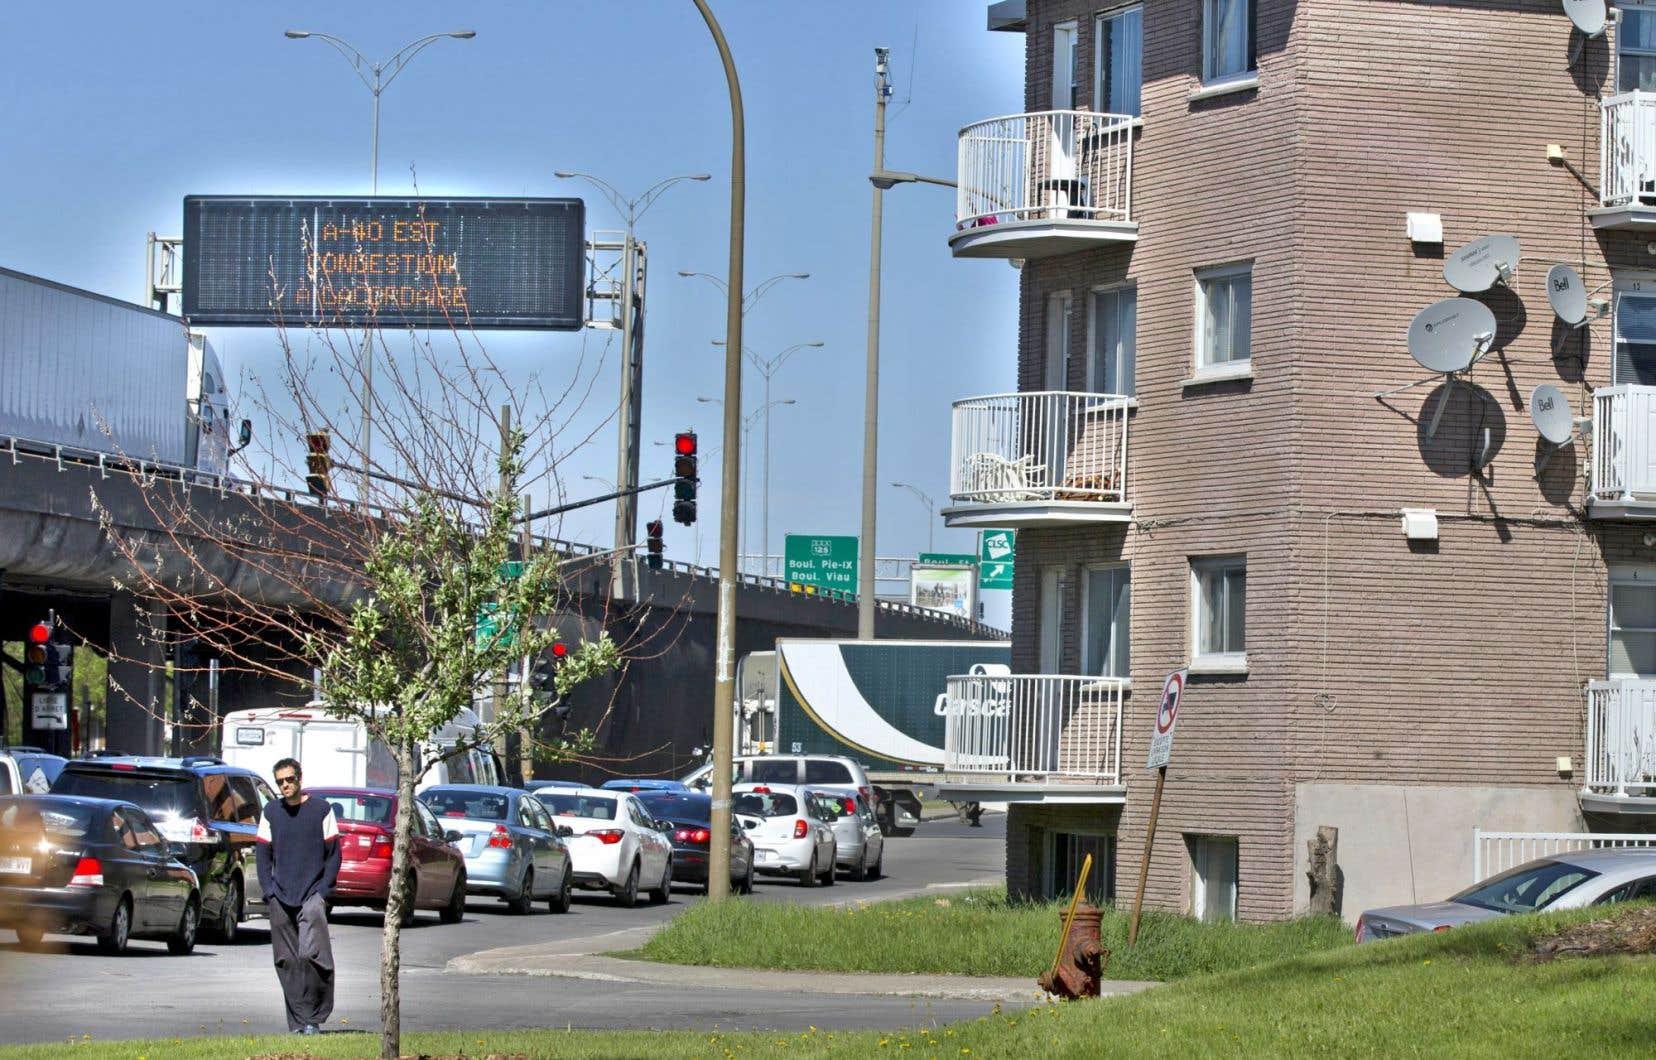 La pollution sonore touche notamment les personnes résidant près des autoroutes.